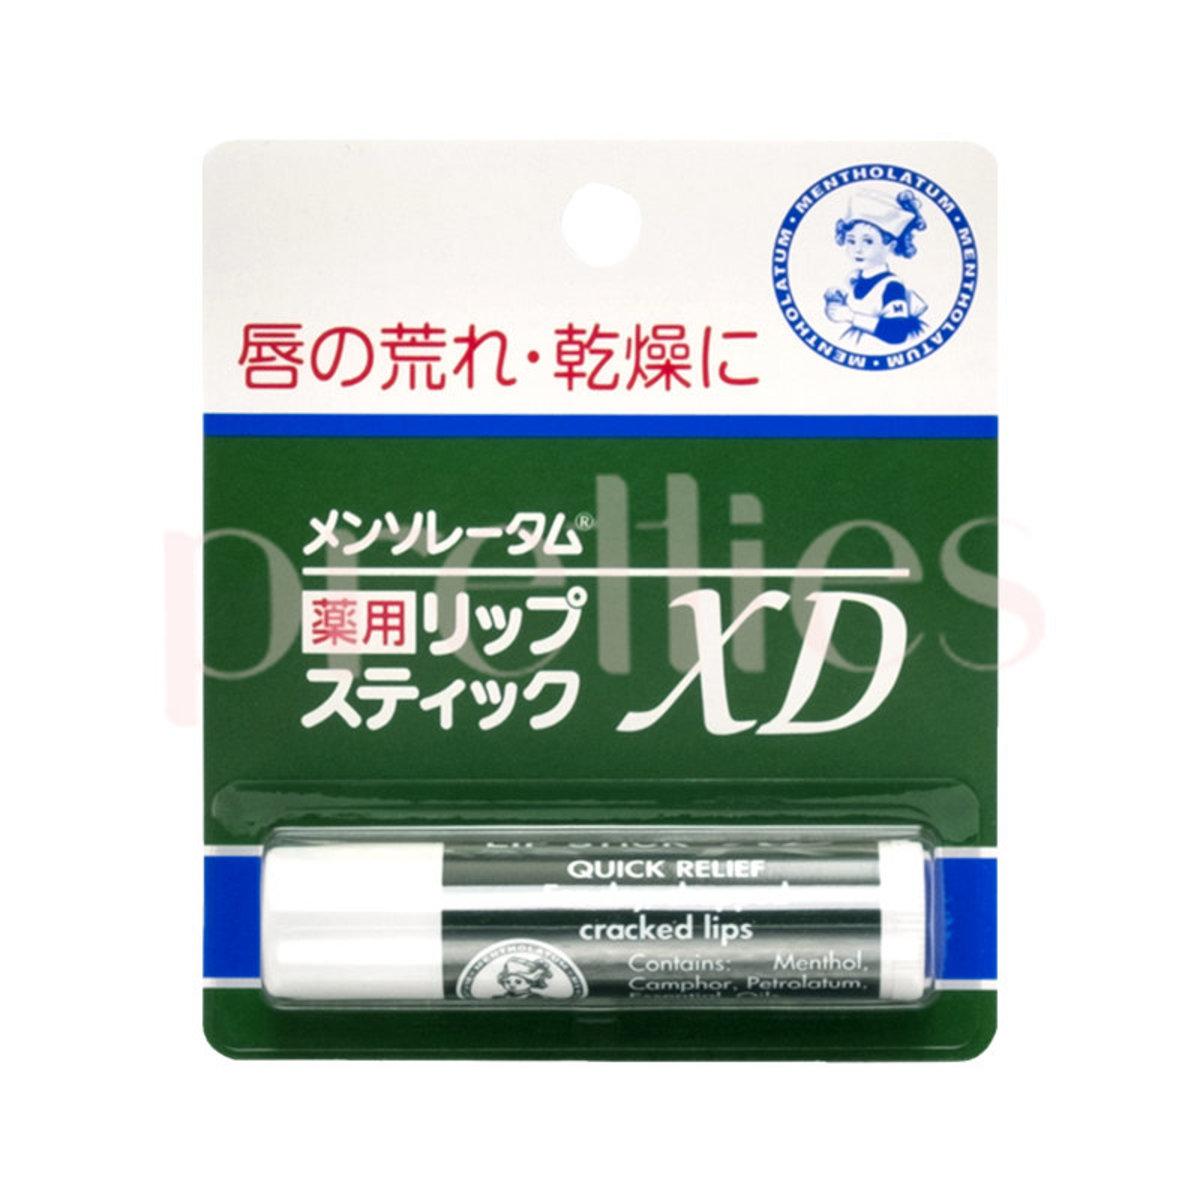 潤唇膏XD 4g x 1枝 (平行進口貨品)